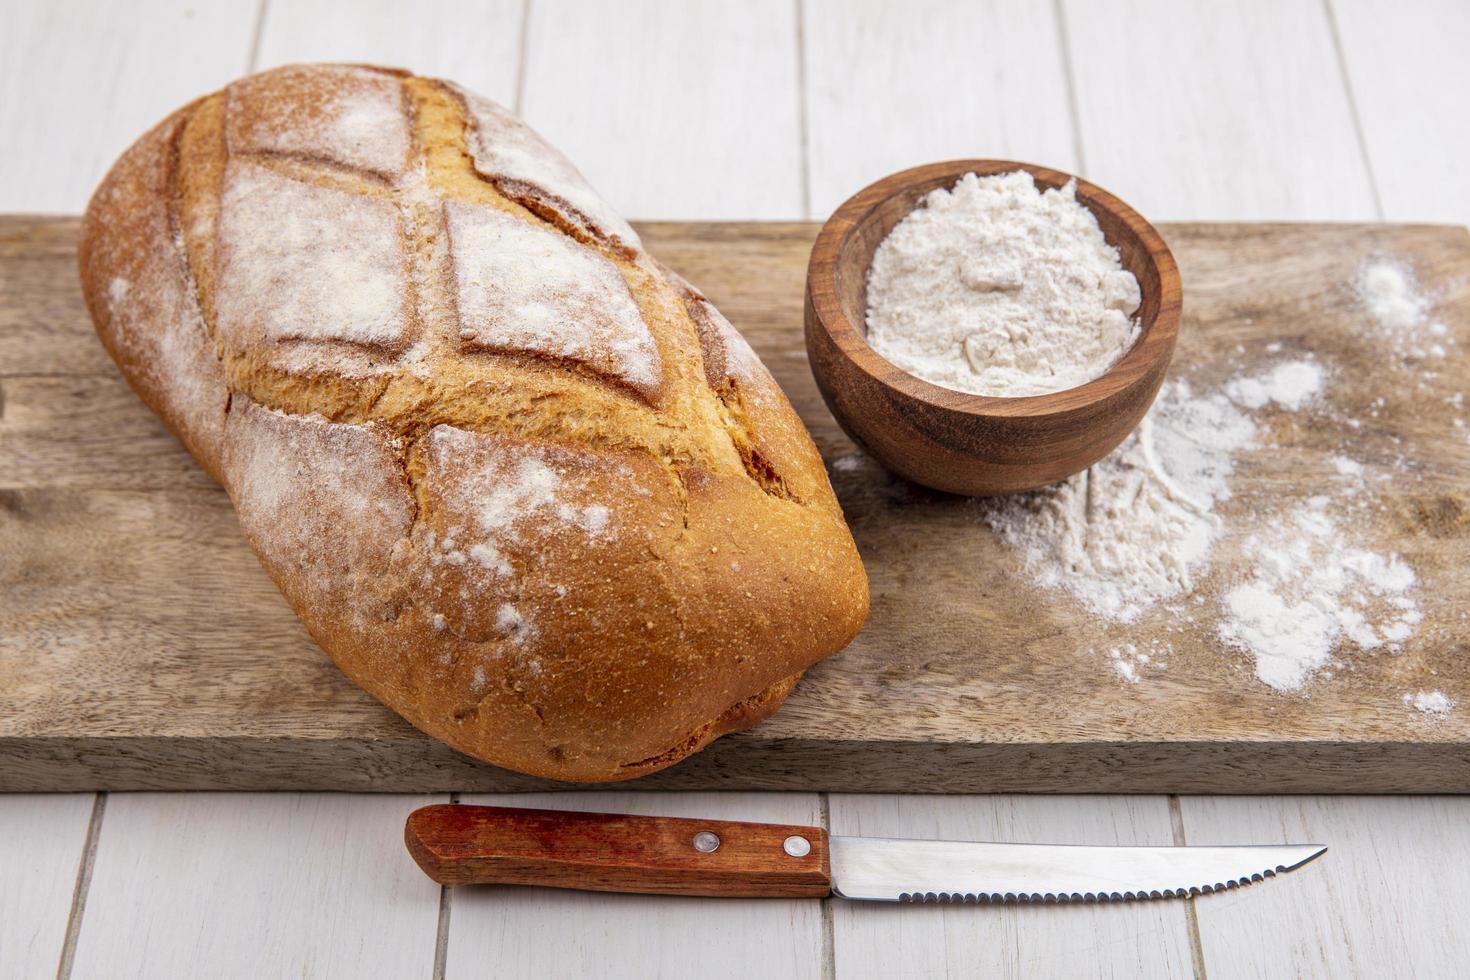 Miche de pain frais sur une planche à découper photo